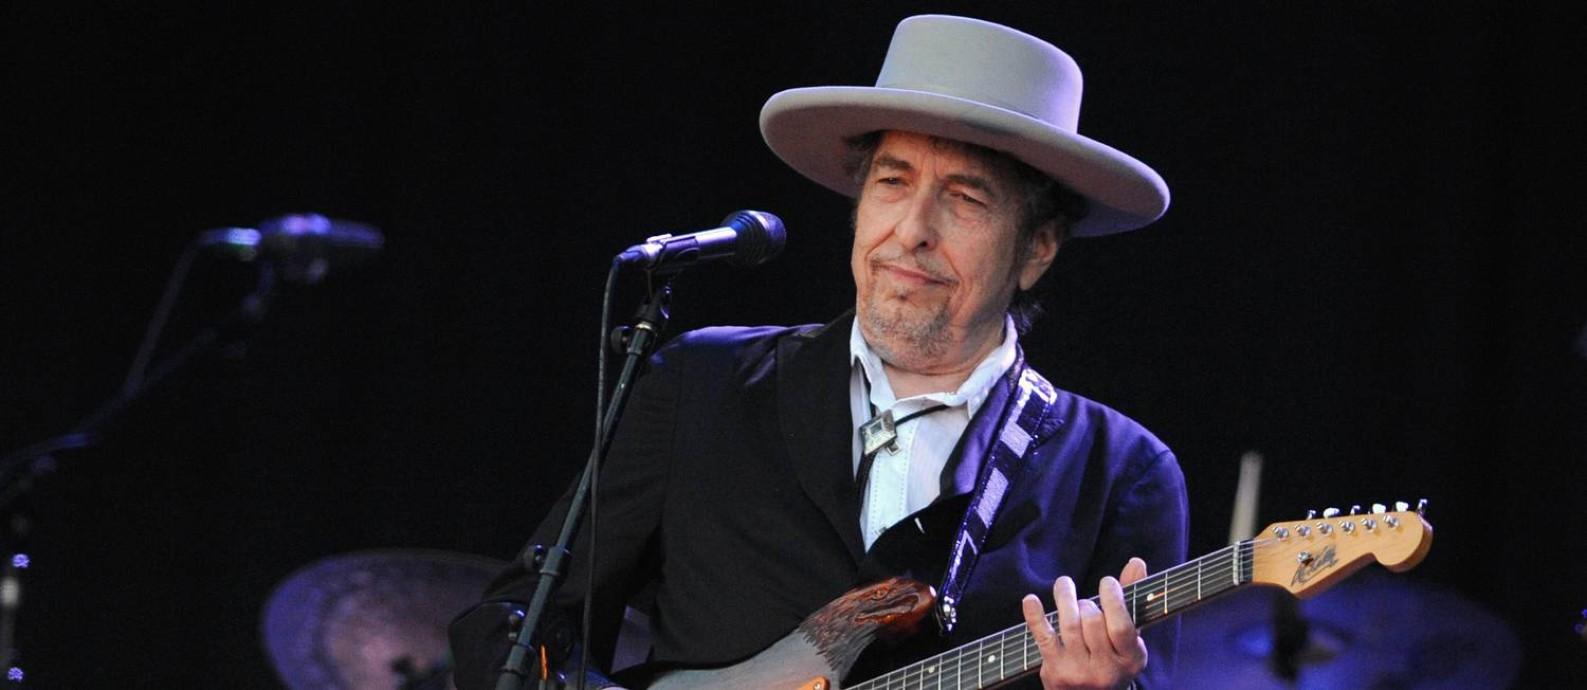 Bob Dylan durante show na França, em 2012 Foto: FRED TANNEAU / AFP